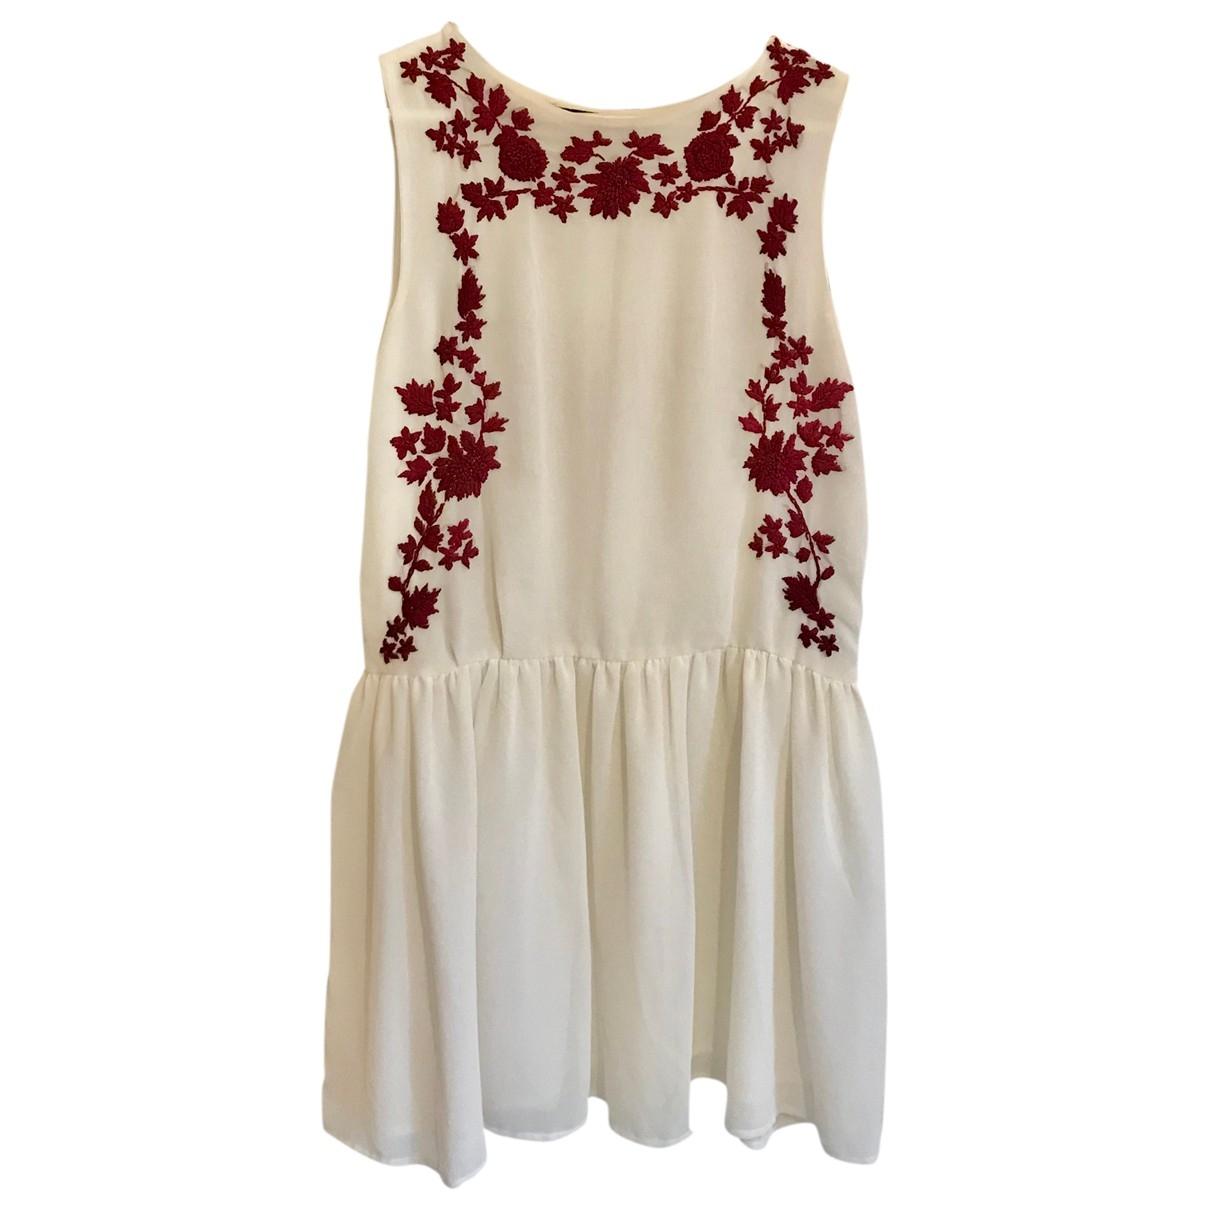 Zara \N White dress for Women 36 FR